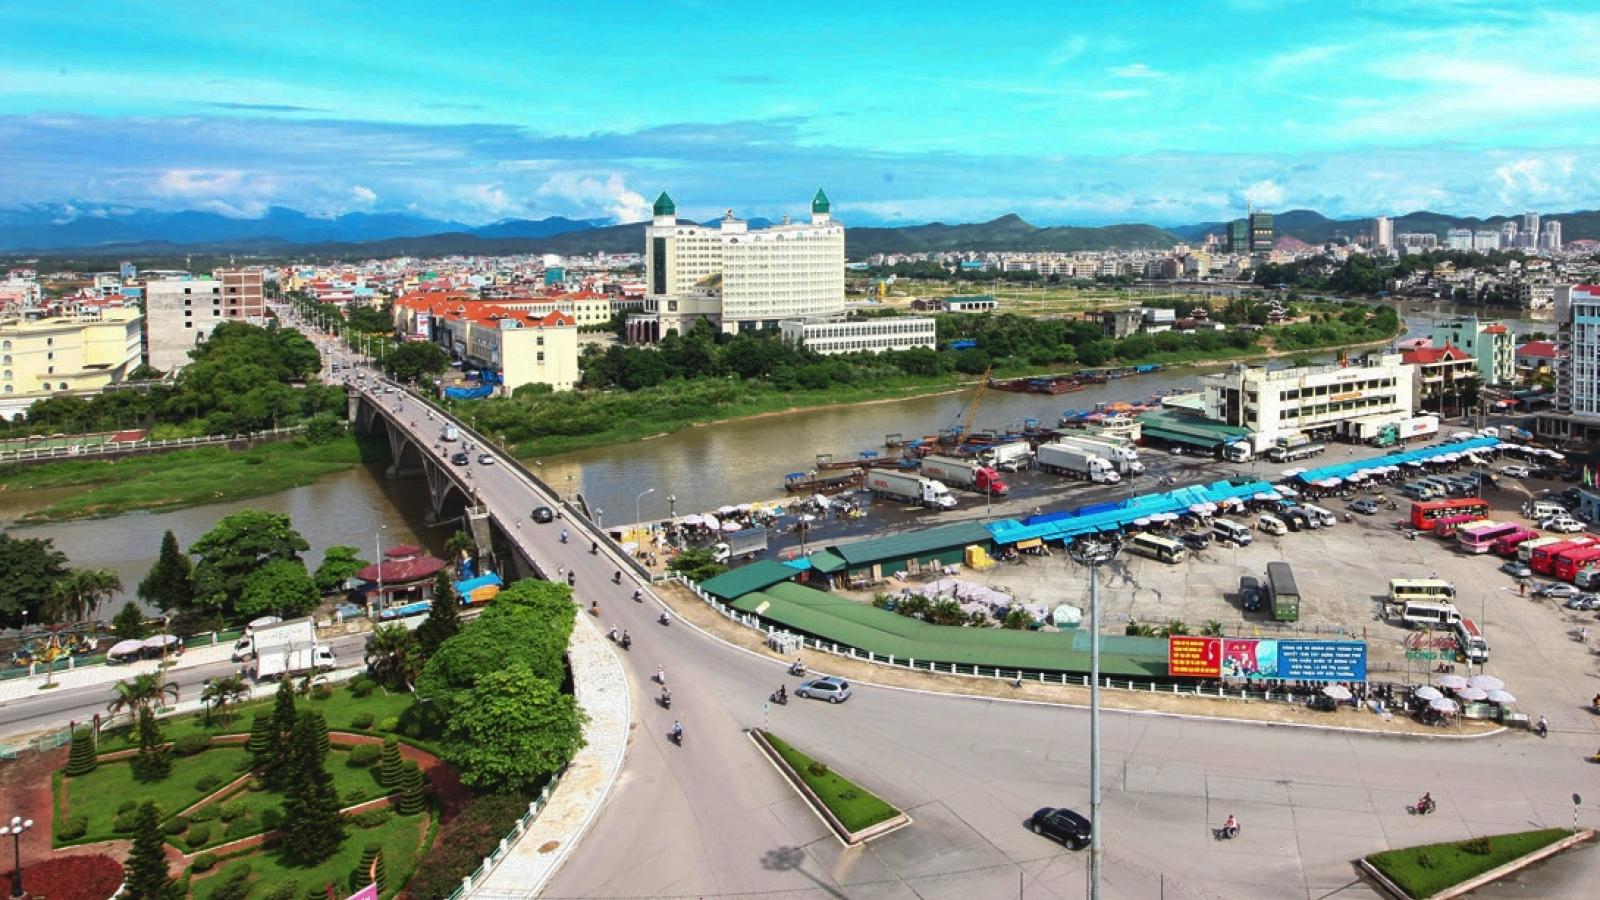 Thủ tướng phê duyệt điều chỉnh Quy hoạch chung xây dựng Khu kinh tế cửa khẩu Móng Cái